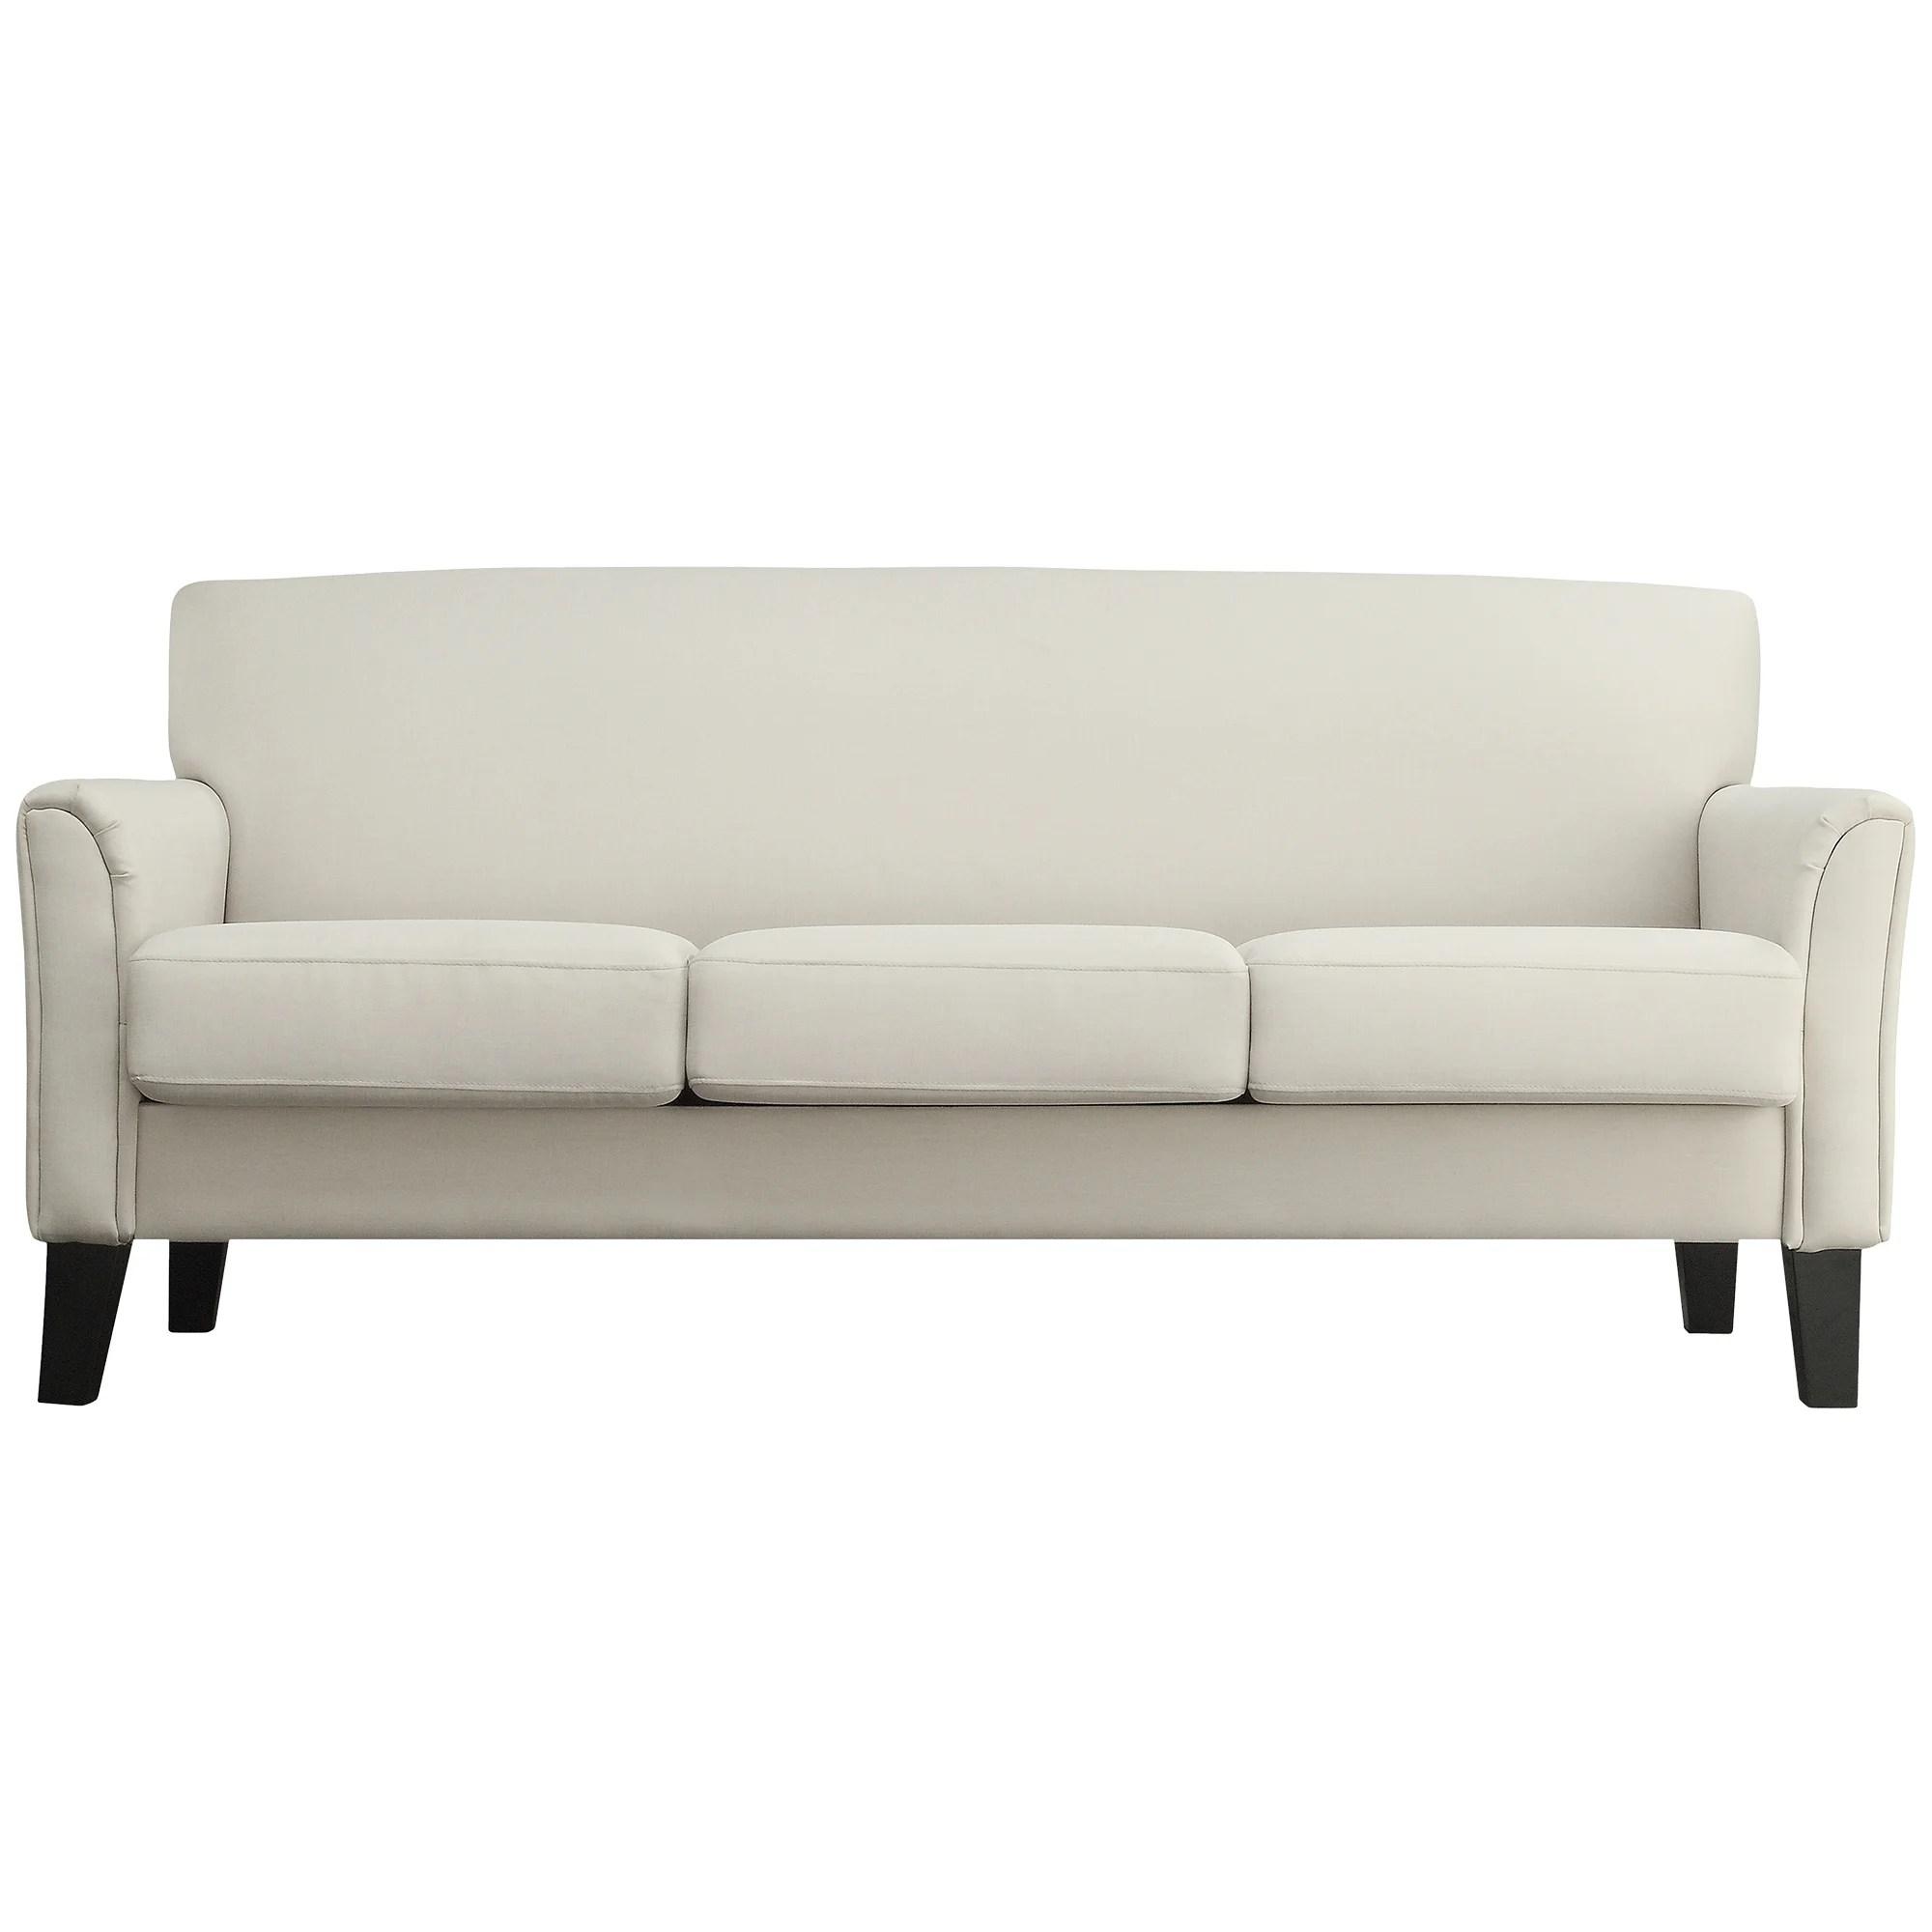 spartan sofa throw cover white sparta modern wayfair